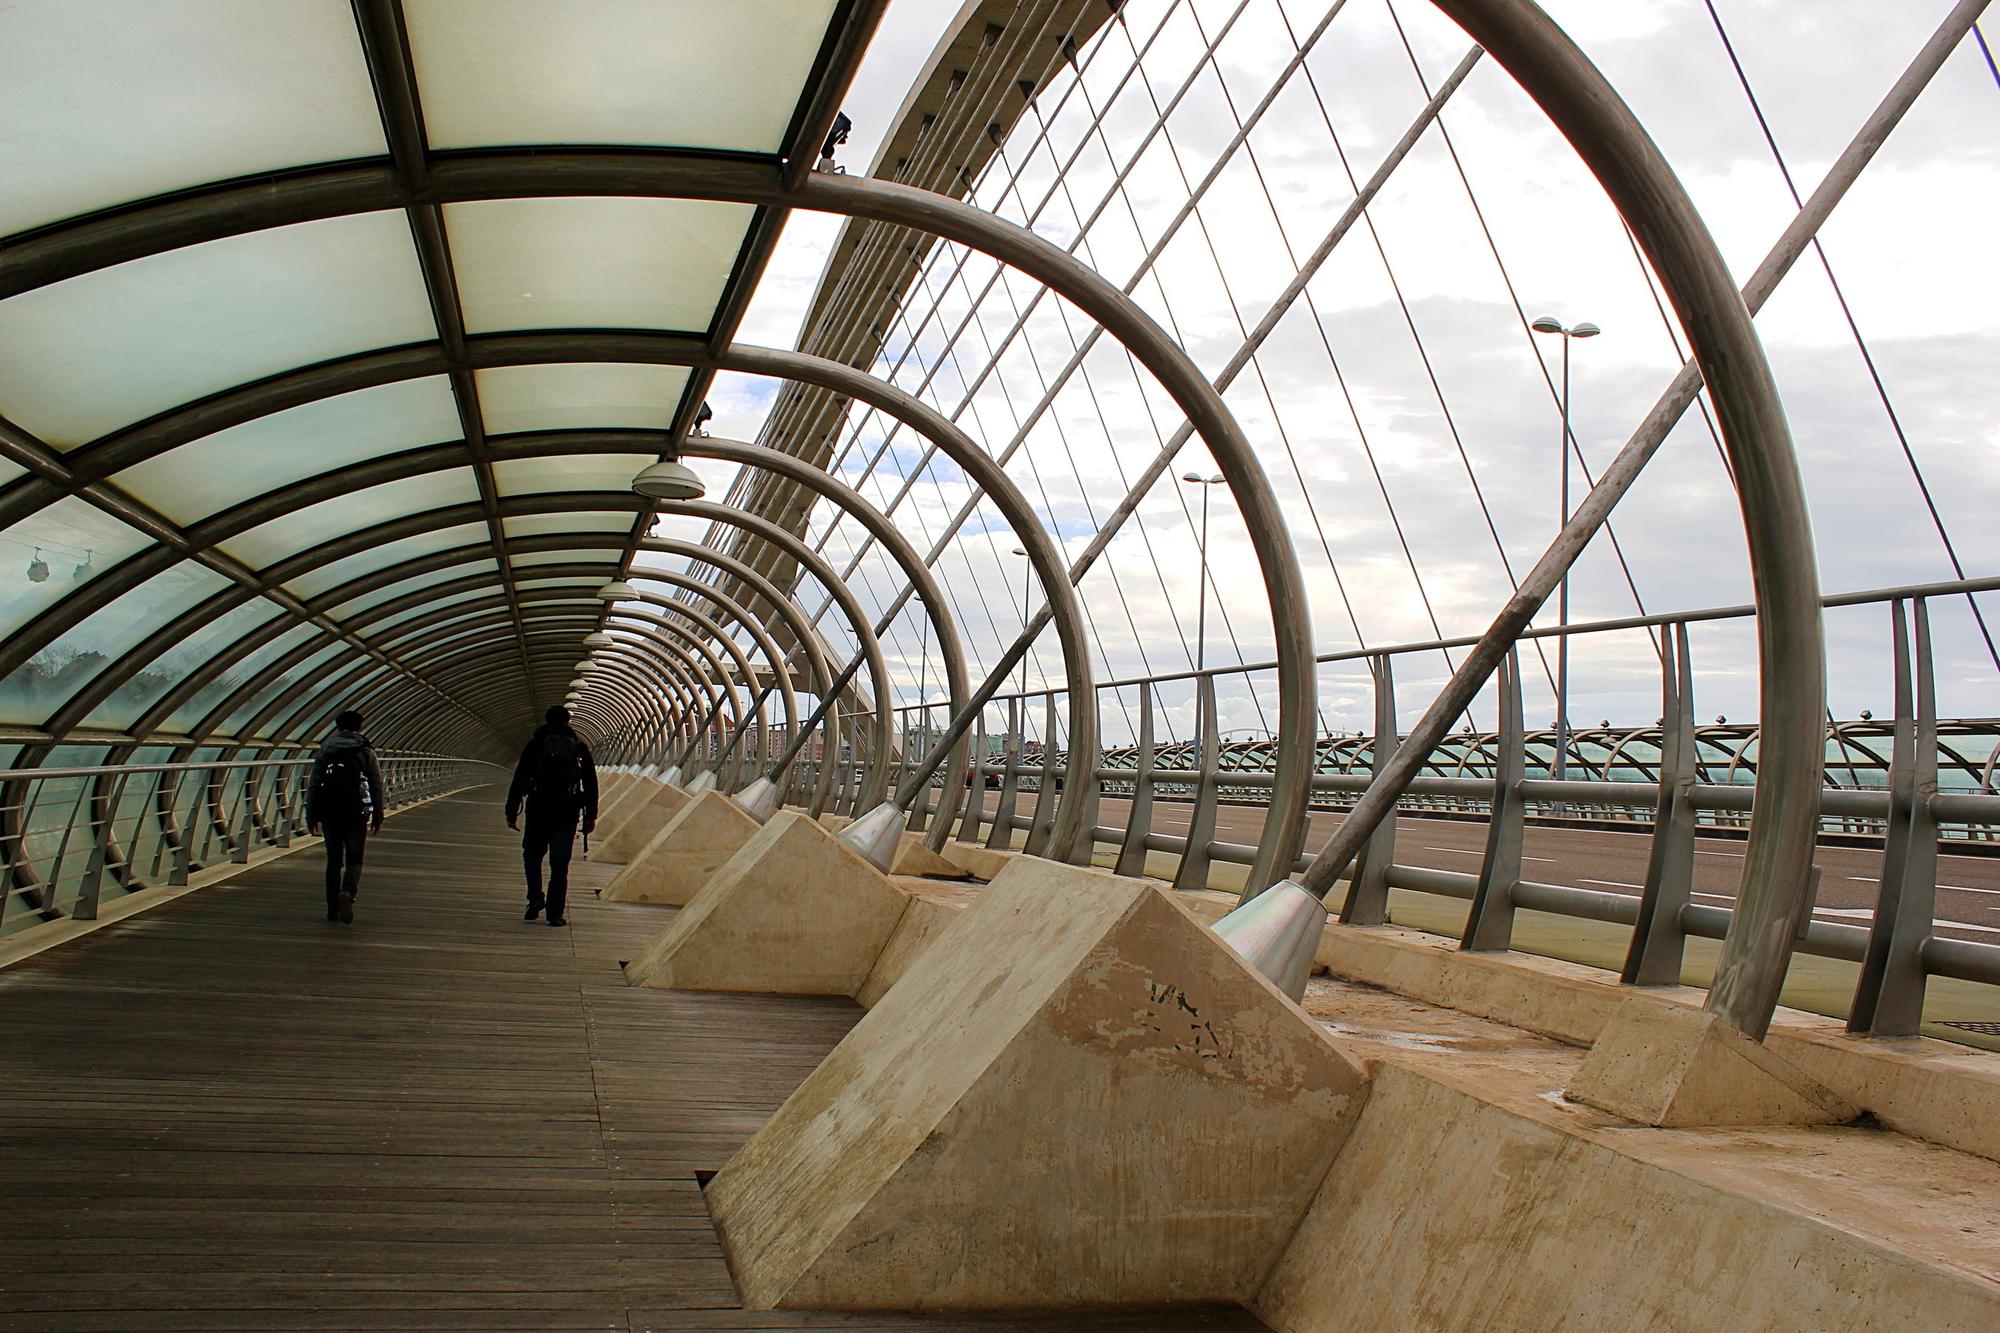 Puente tercer milenio, Zaragoza di Beatrice R